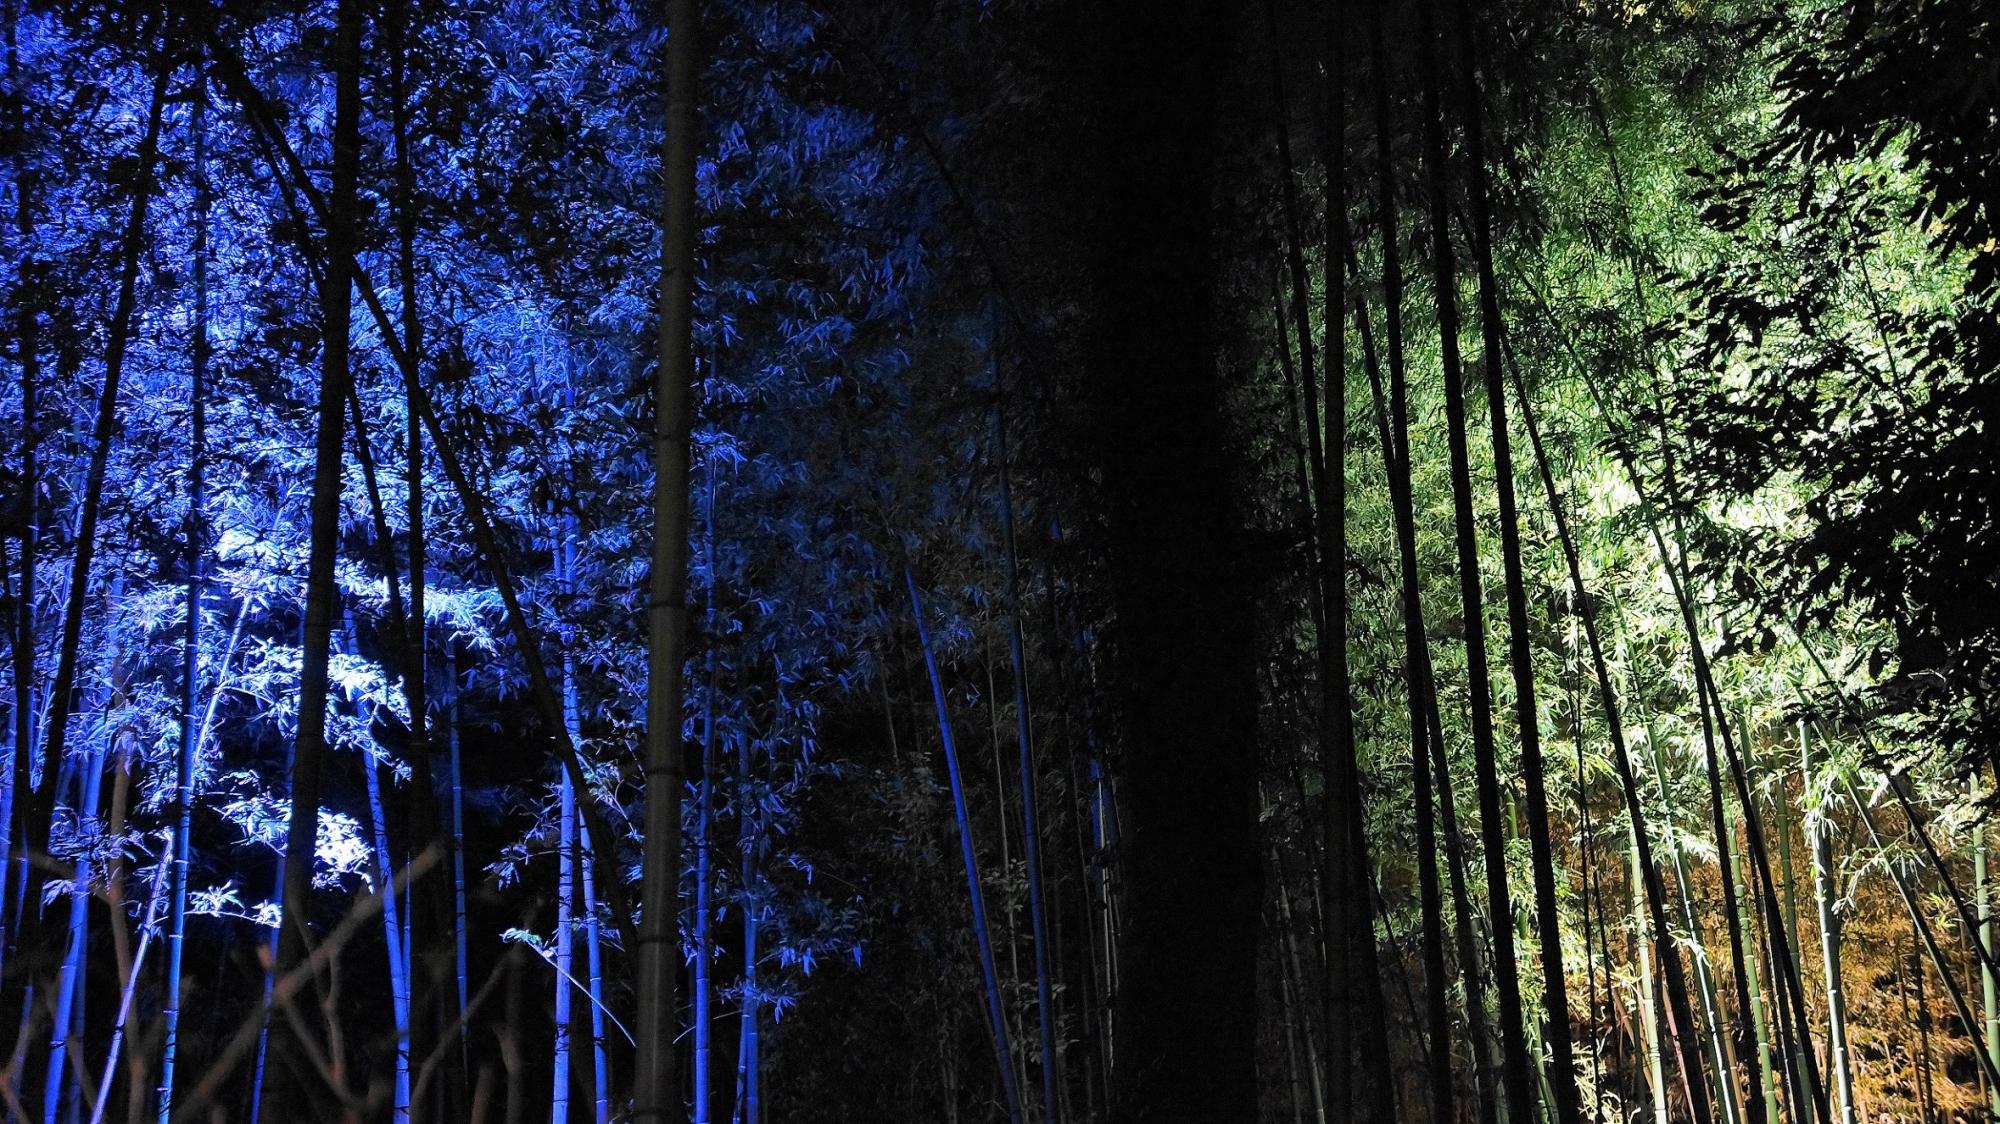 嵐山花灯路の綺麗な青色の竹林ライトアップ